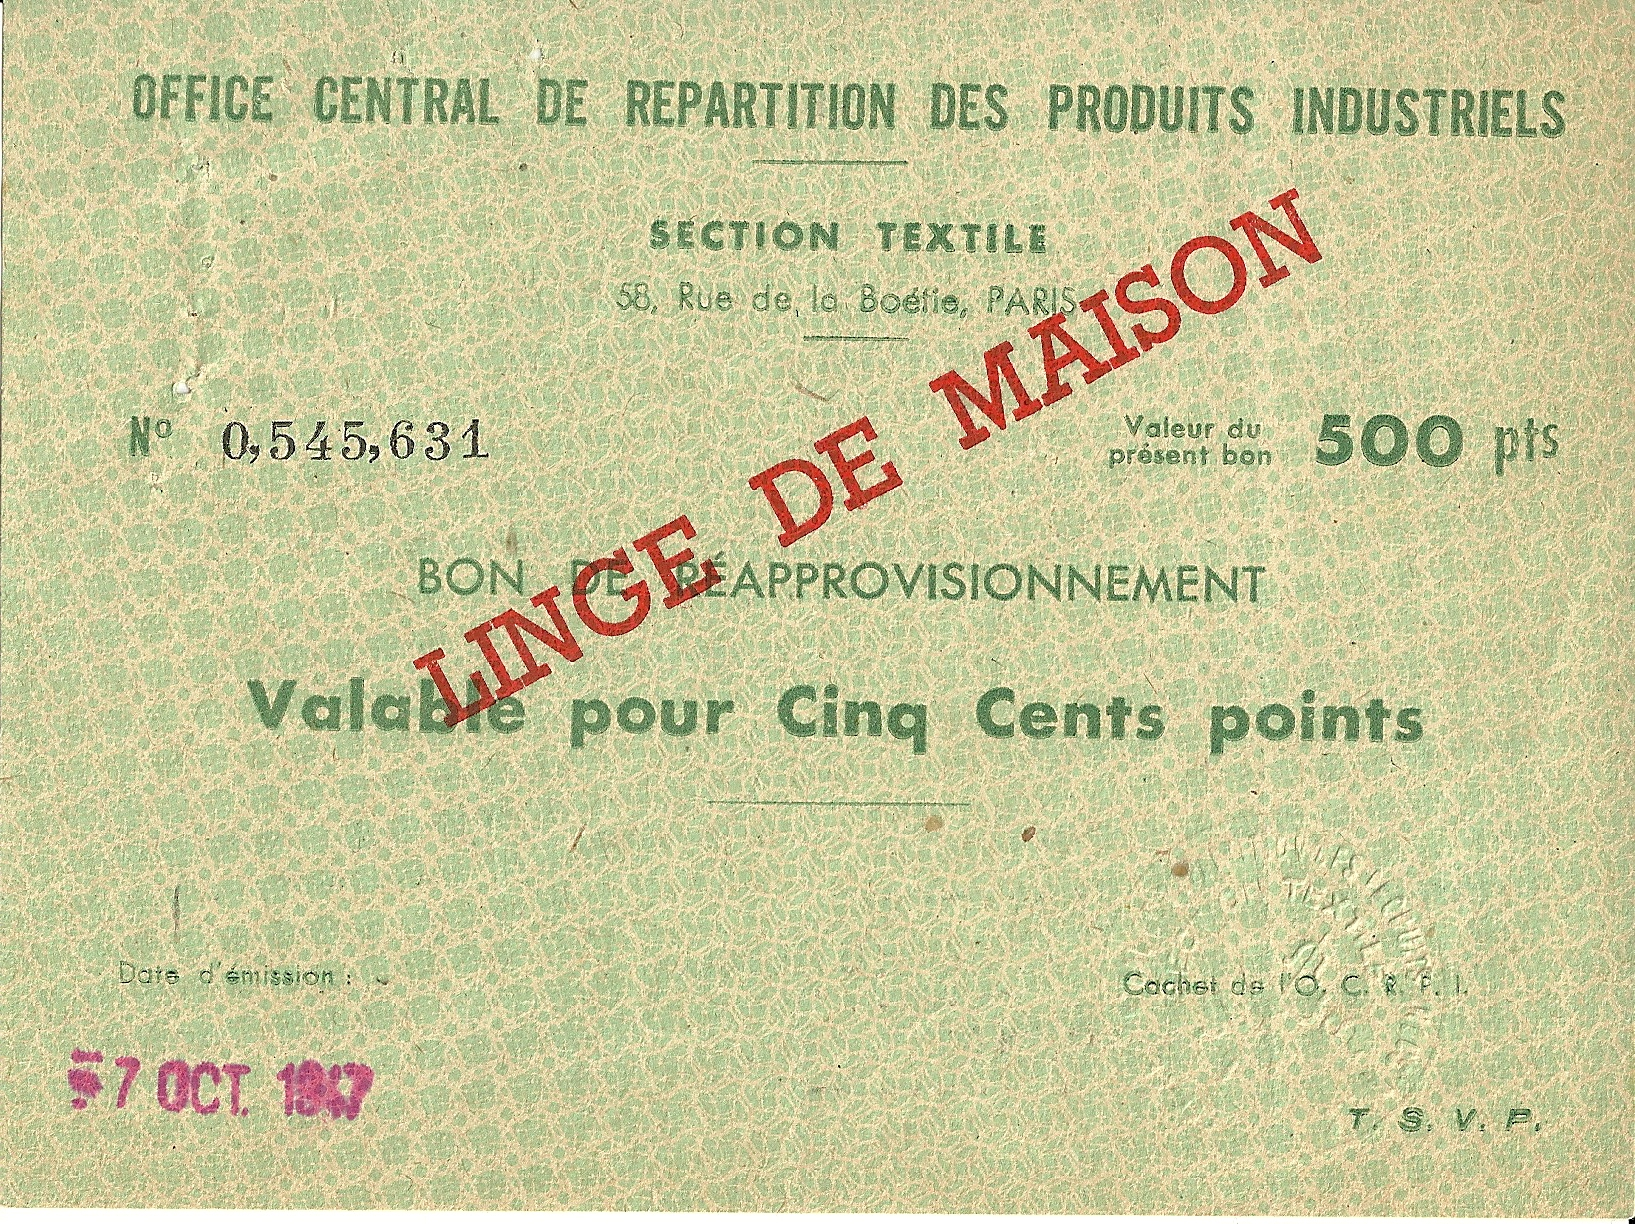 SECTION TEXTILE - BON DE REAPPROVISIONNEMENT - Valable pour Deux Cents points - 0,545,631